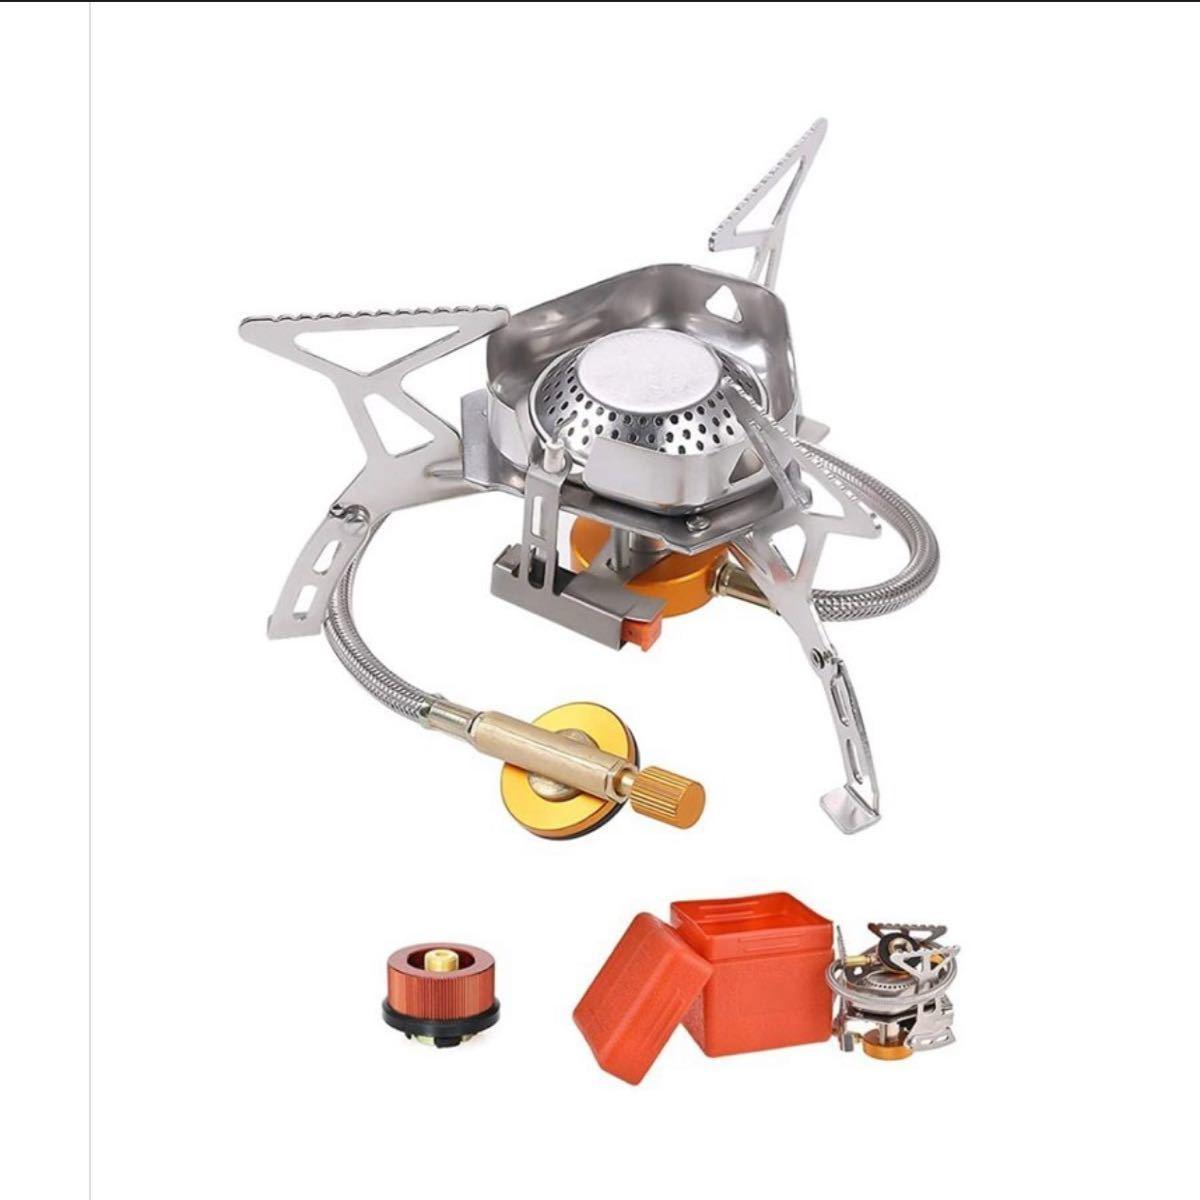 シングルバーナー CB缶/OD缶対応 防風 変換アダプター付き